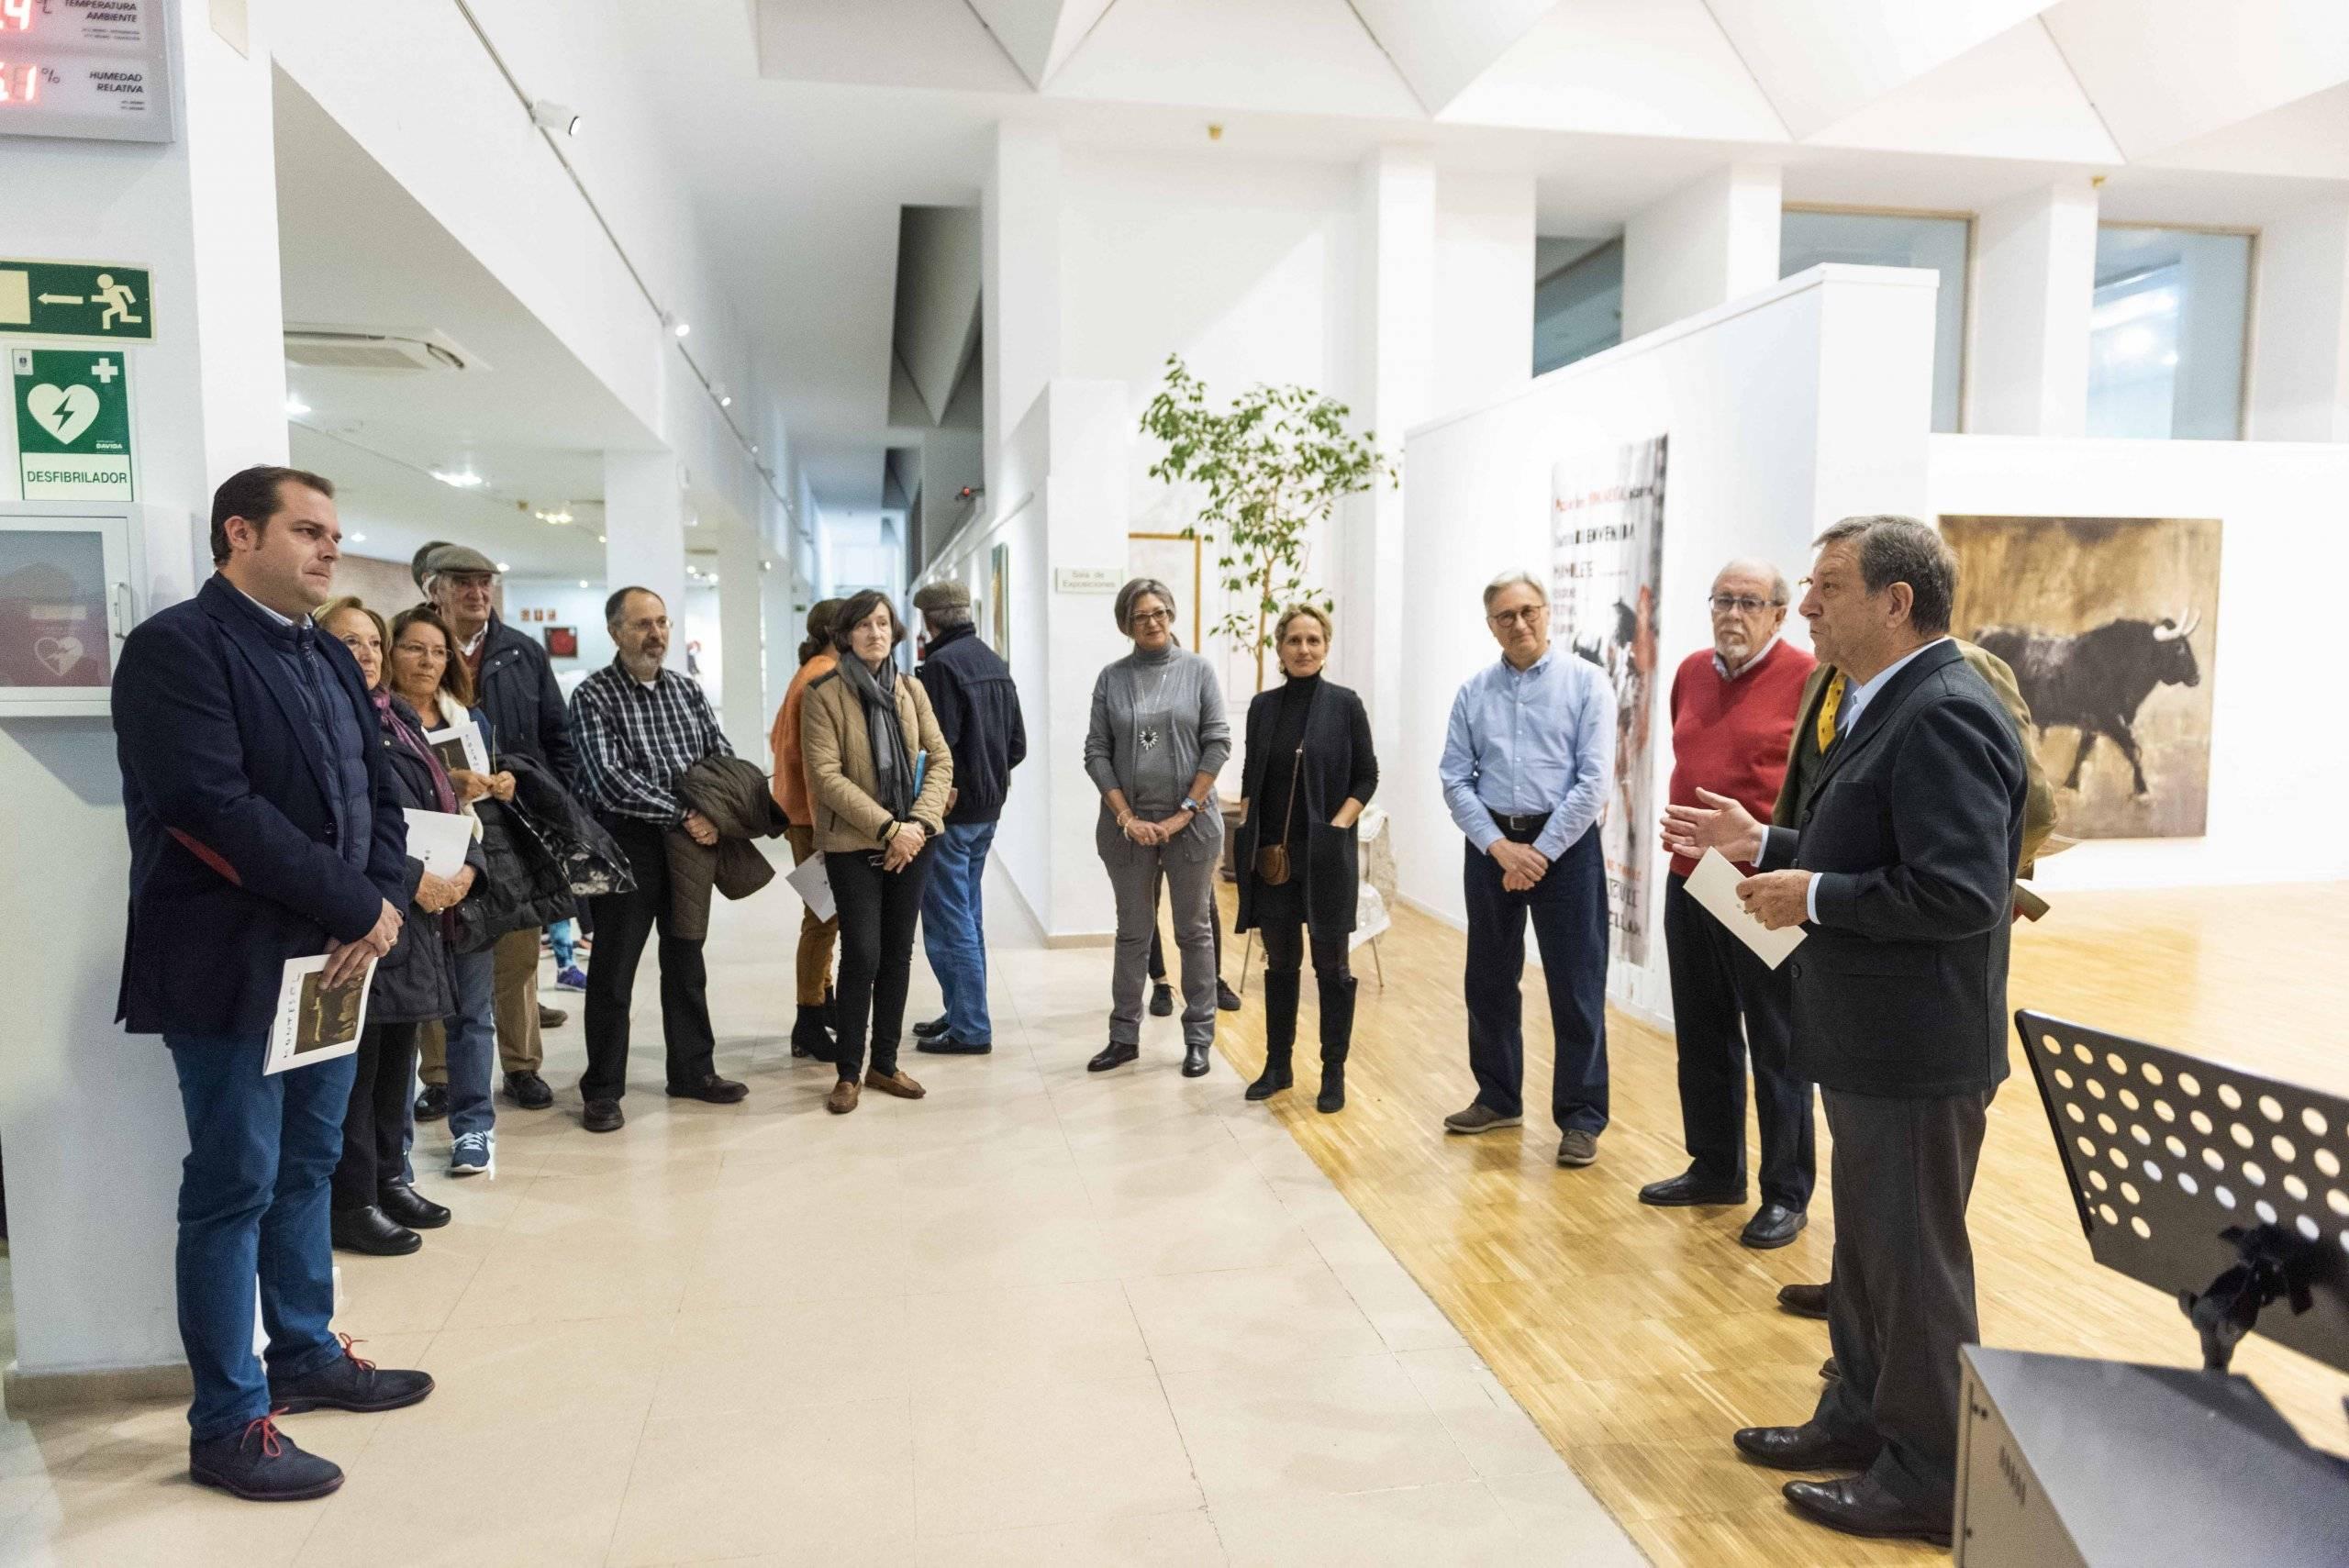 El alcalde, Luis Partida, inaugurando las exposiciones.